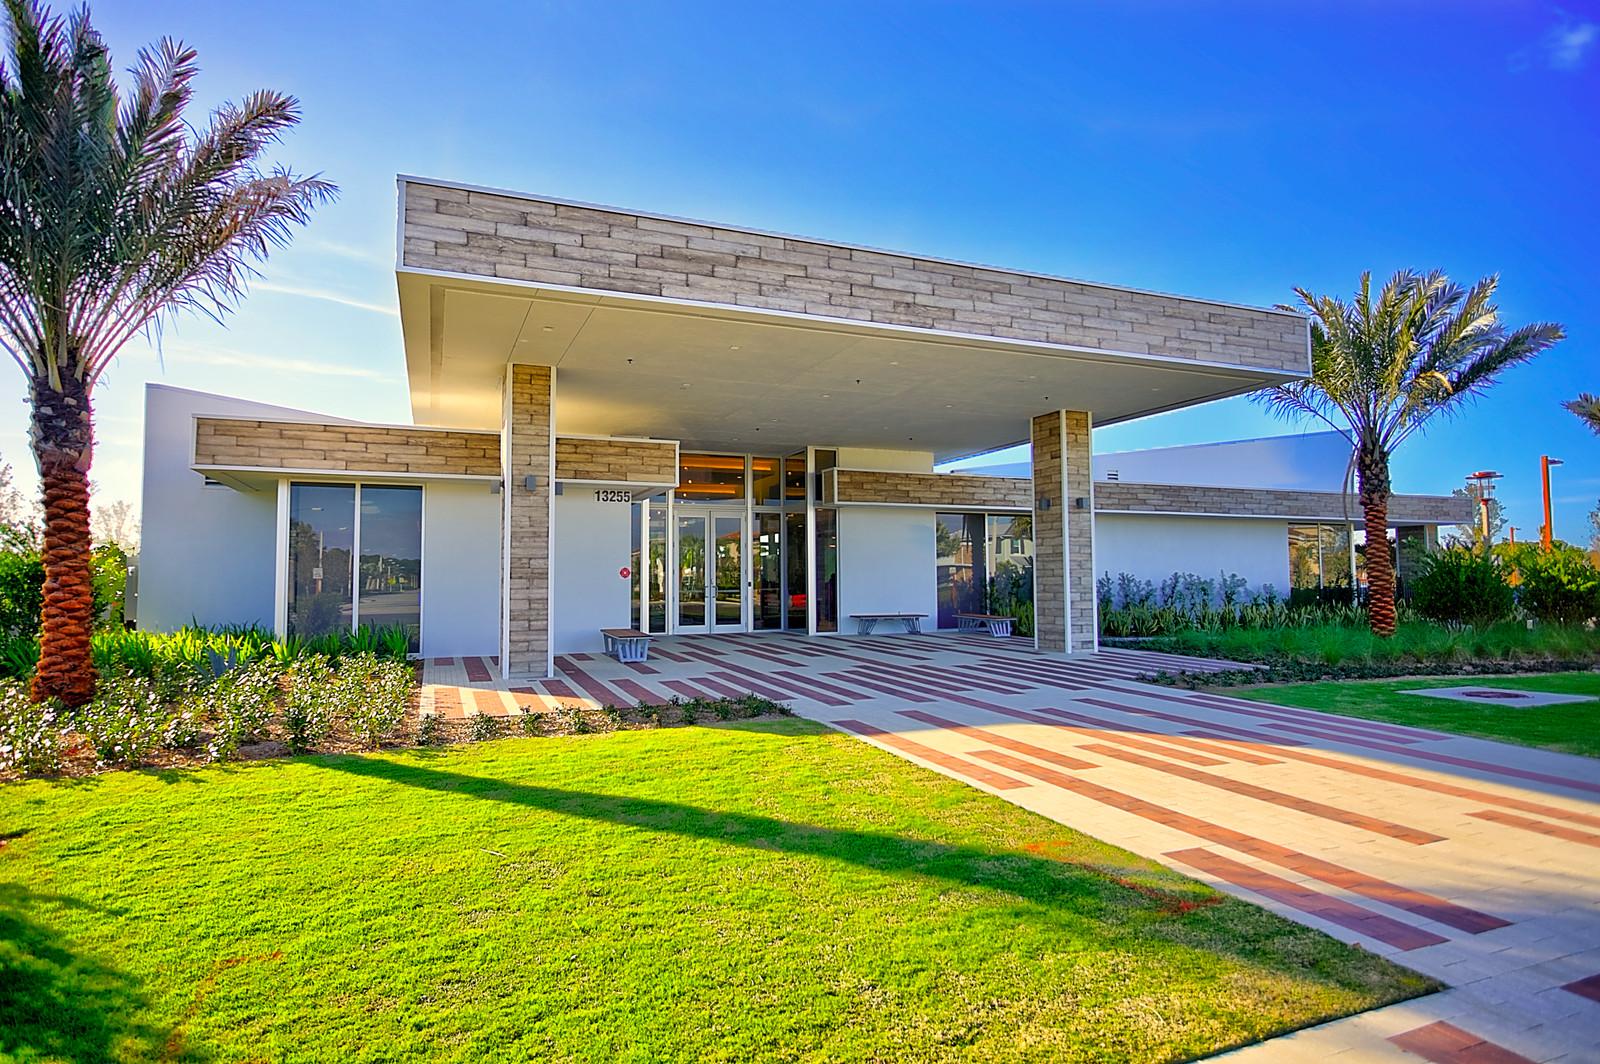 Chic Design Make Altonu0027s Residentu0027s Club The Best In Palm Beach Gardens.